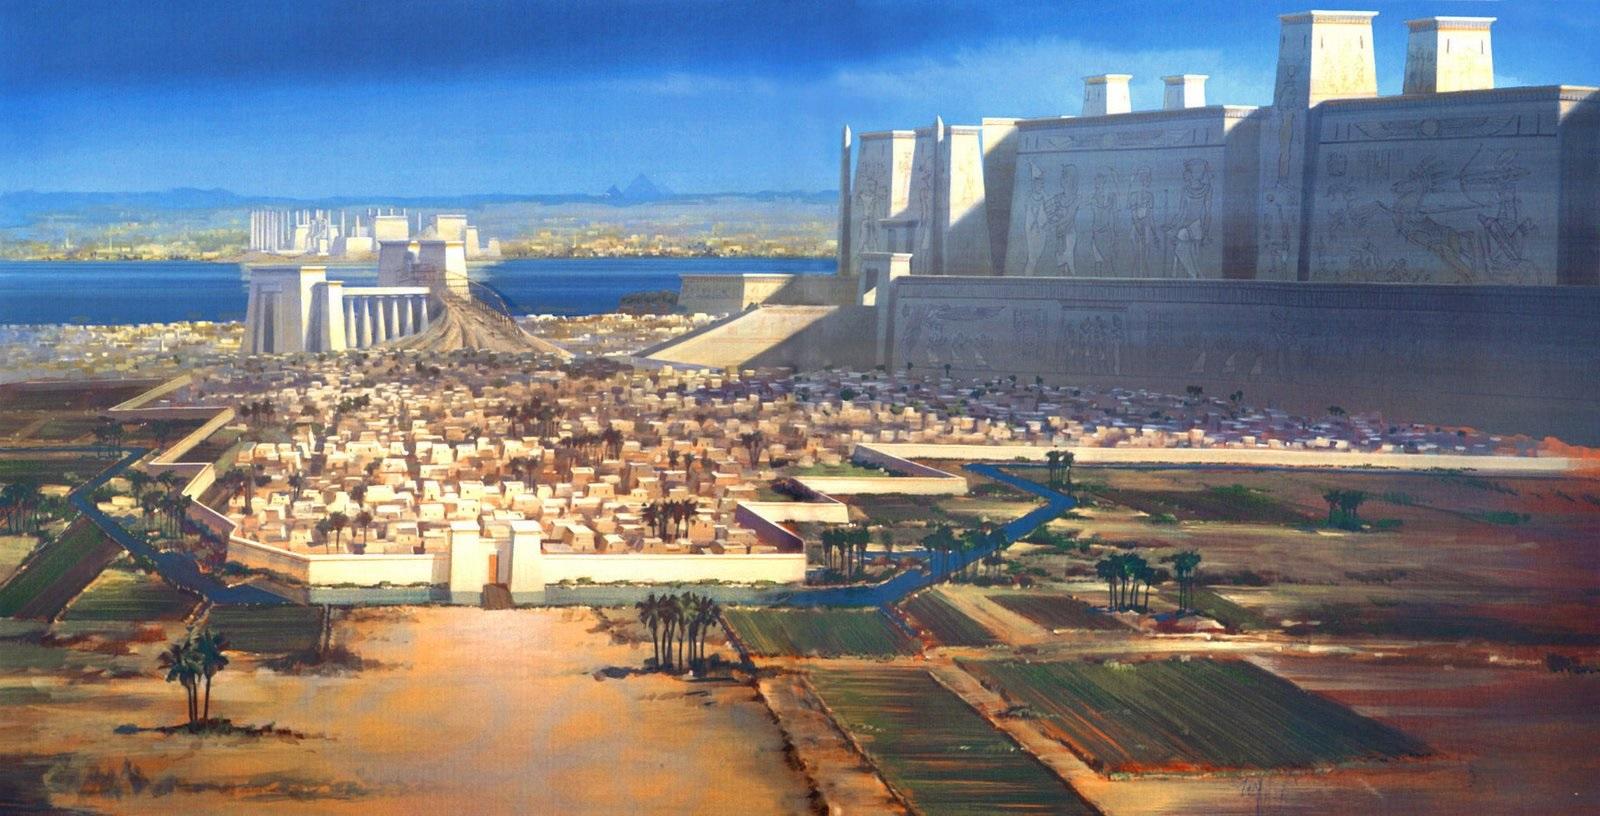 Prince of Egypt Image